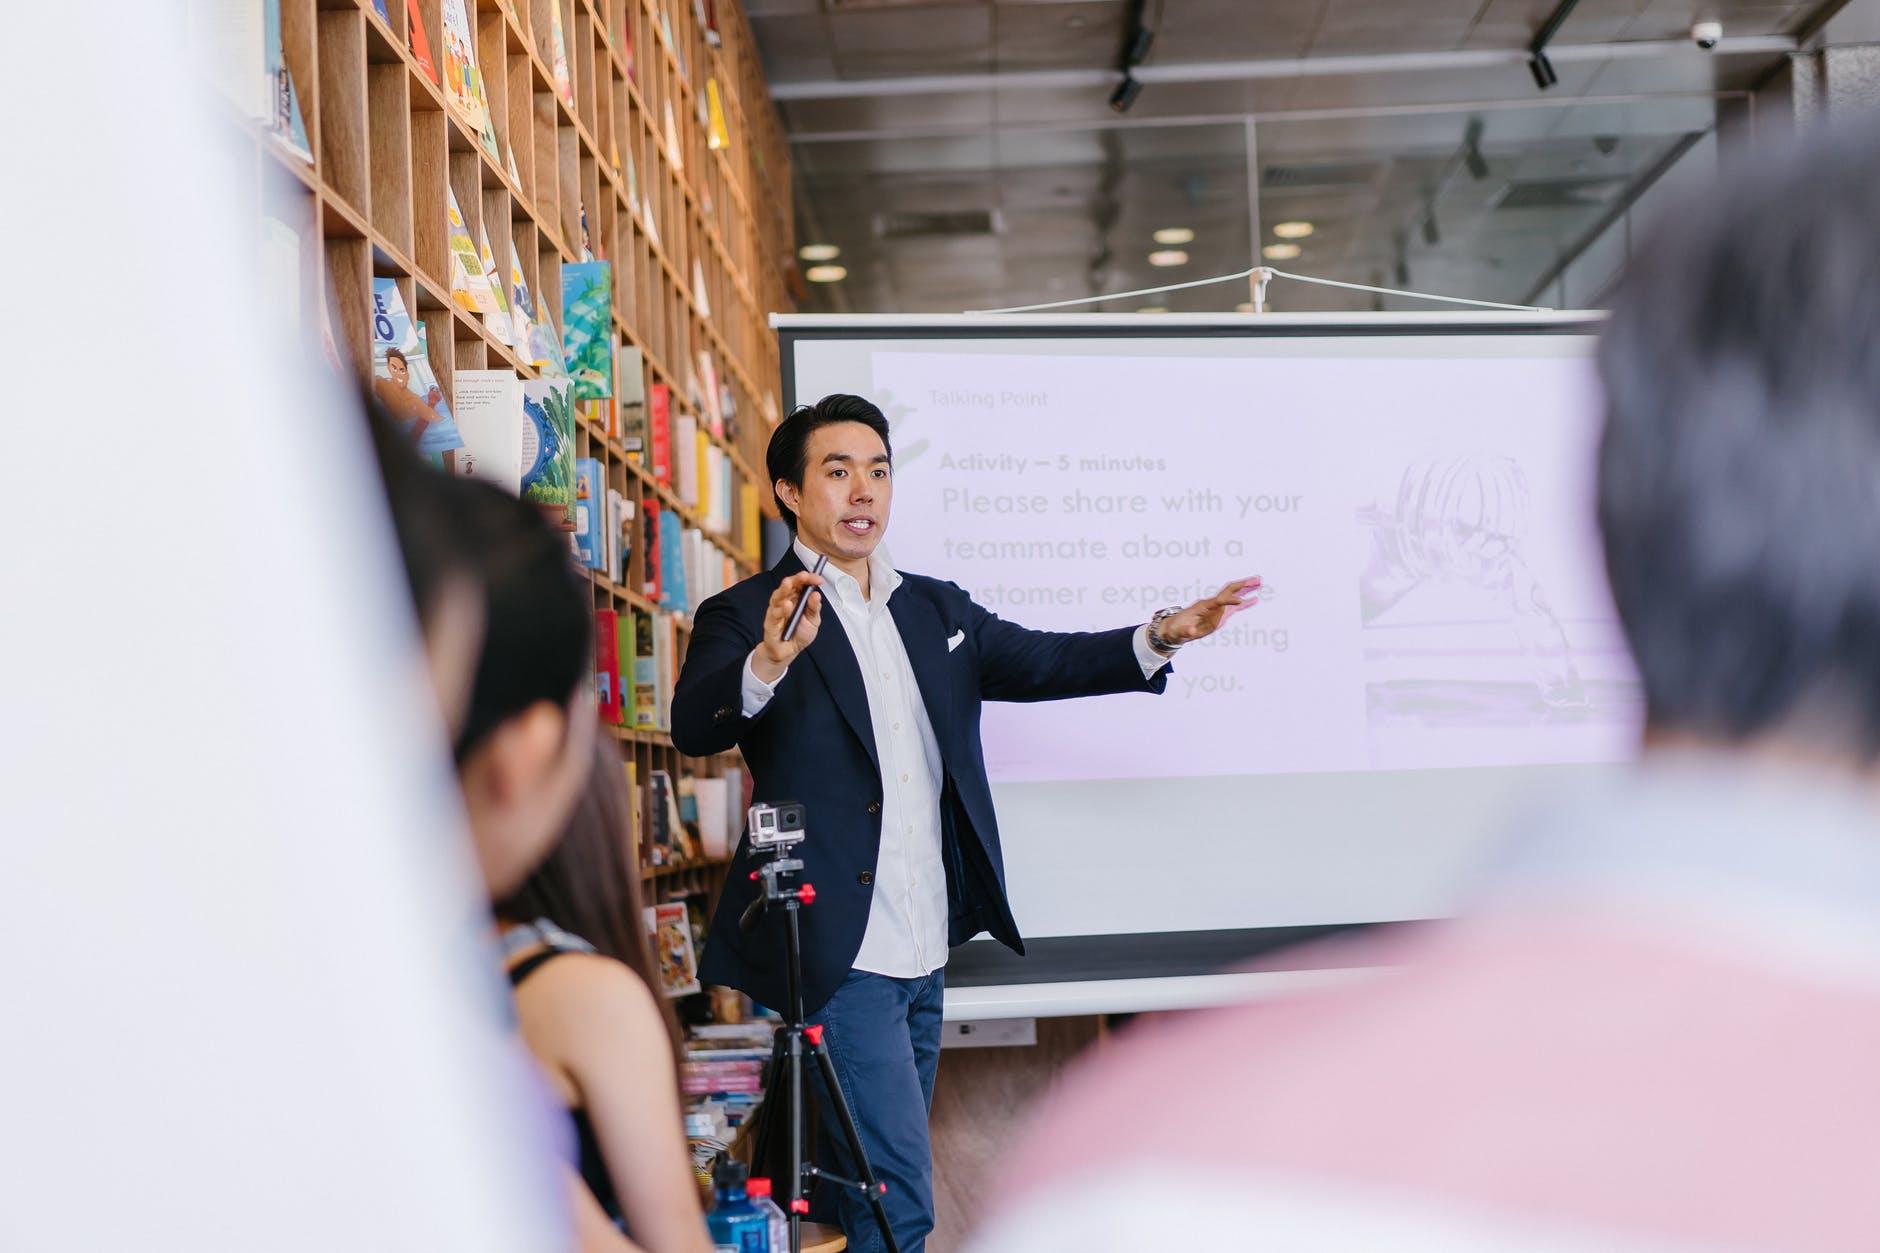 Saiba como uma boa apresentação pode melhorar o seu marketing pessoal